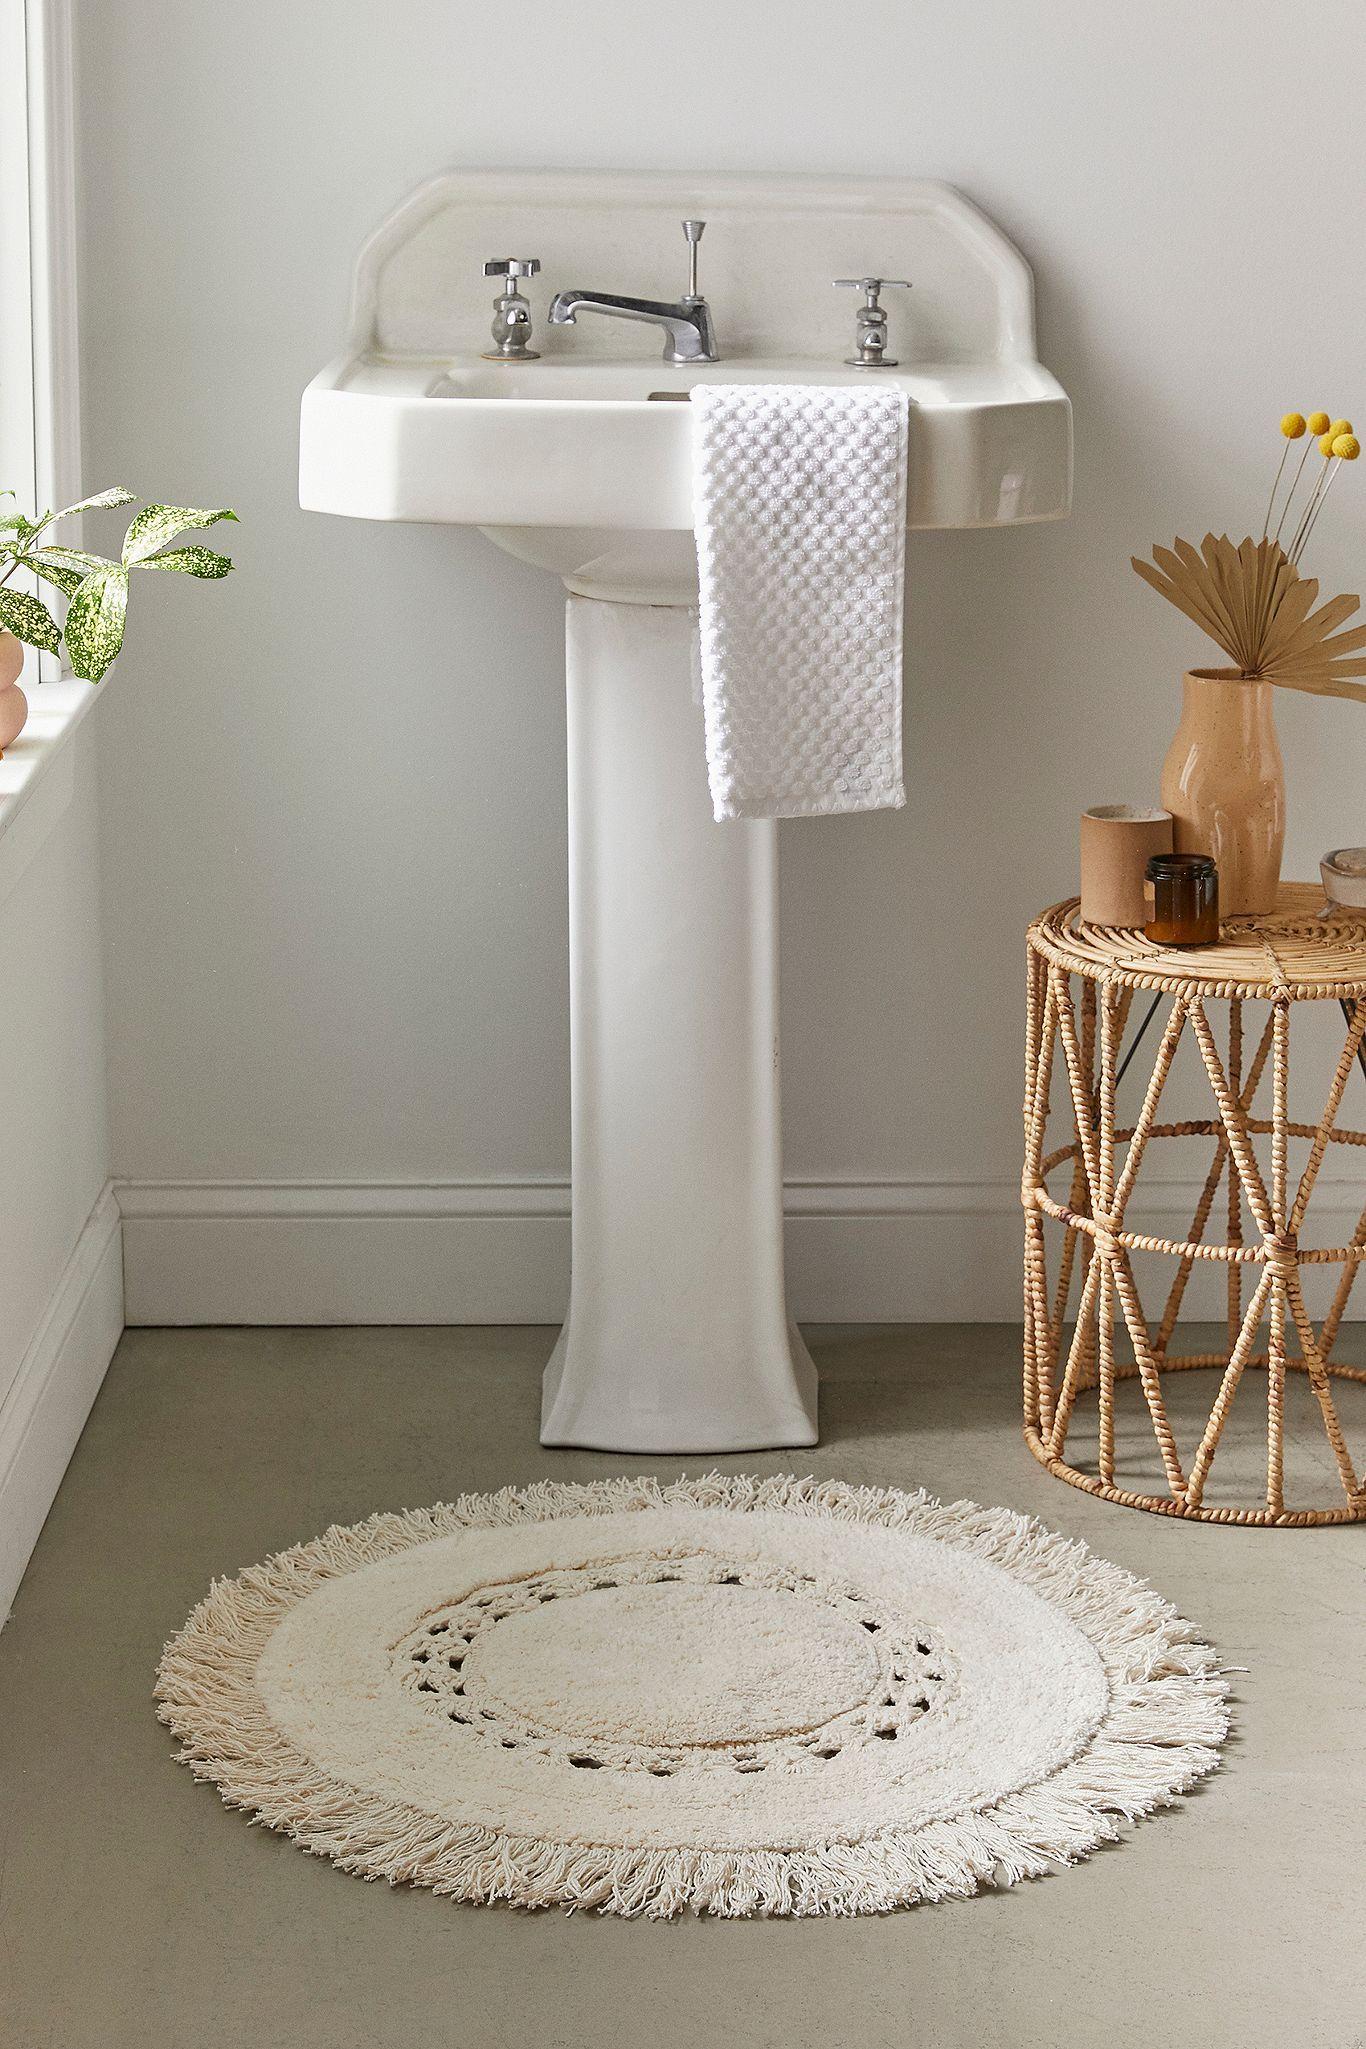 Runder Badvorleger Raine Mit Hakeleinsatz Urban Outfitters De Round Bath Mats Bathroom Rugs Bath Mat [ 2049 x 1366 Pixel ]